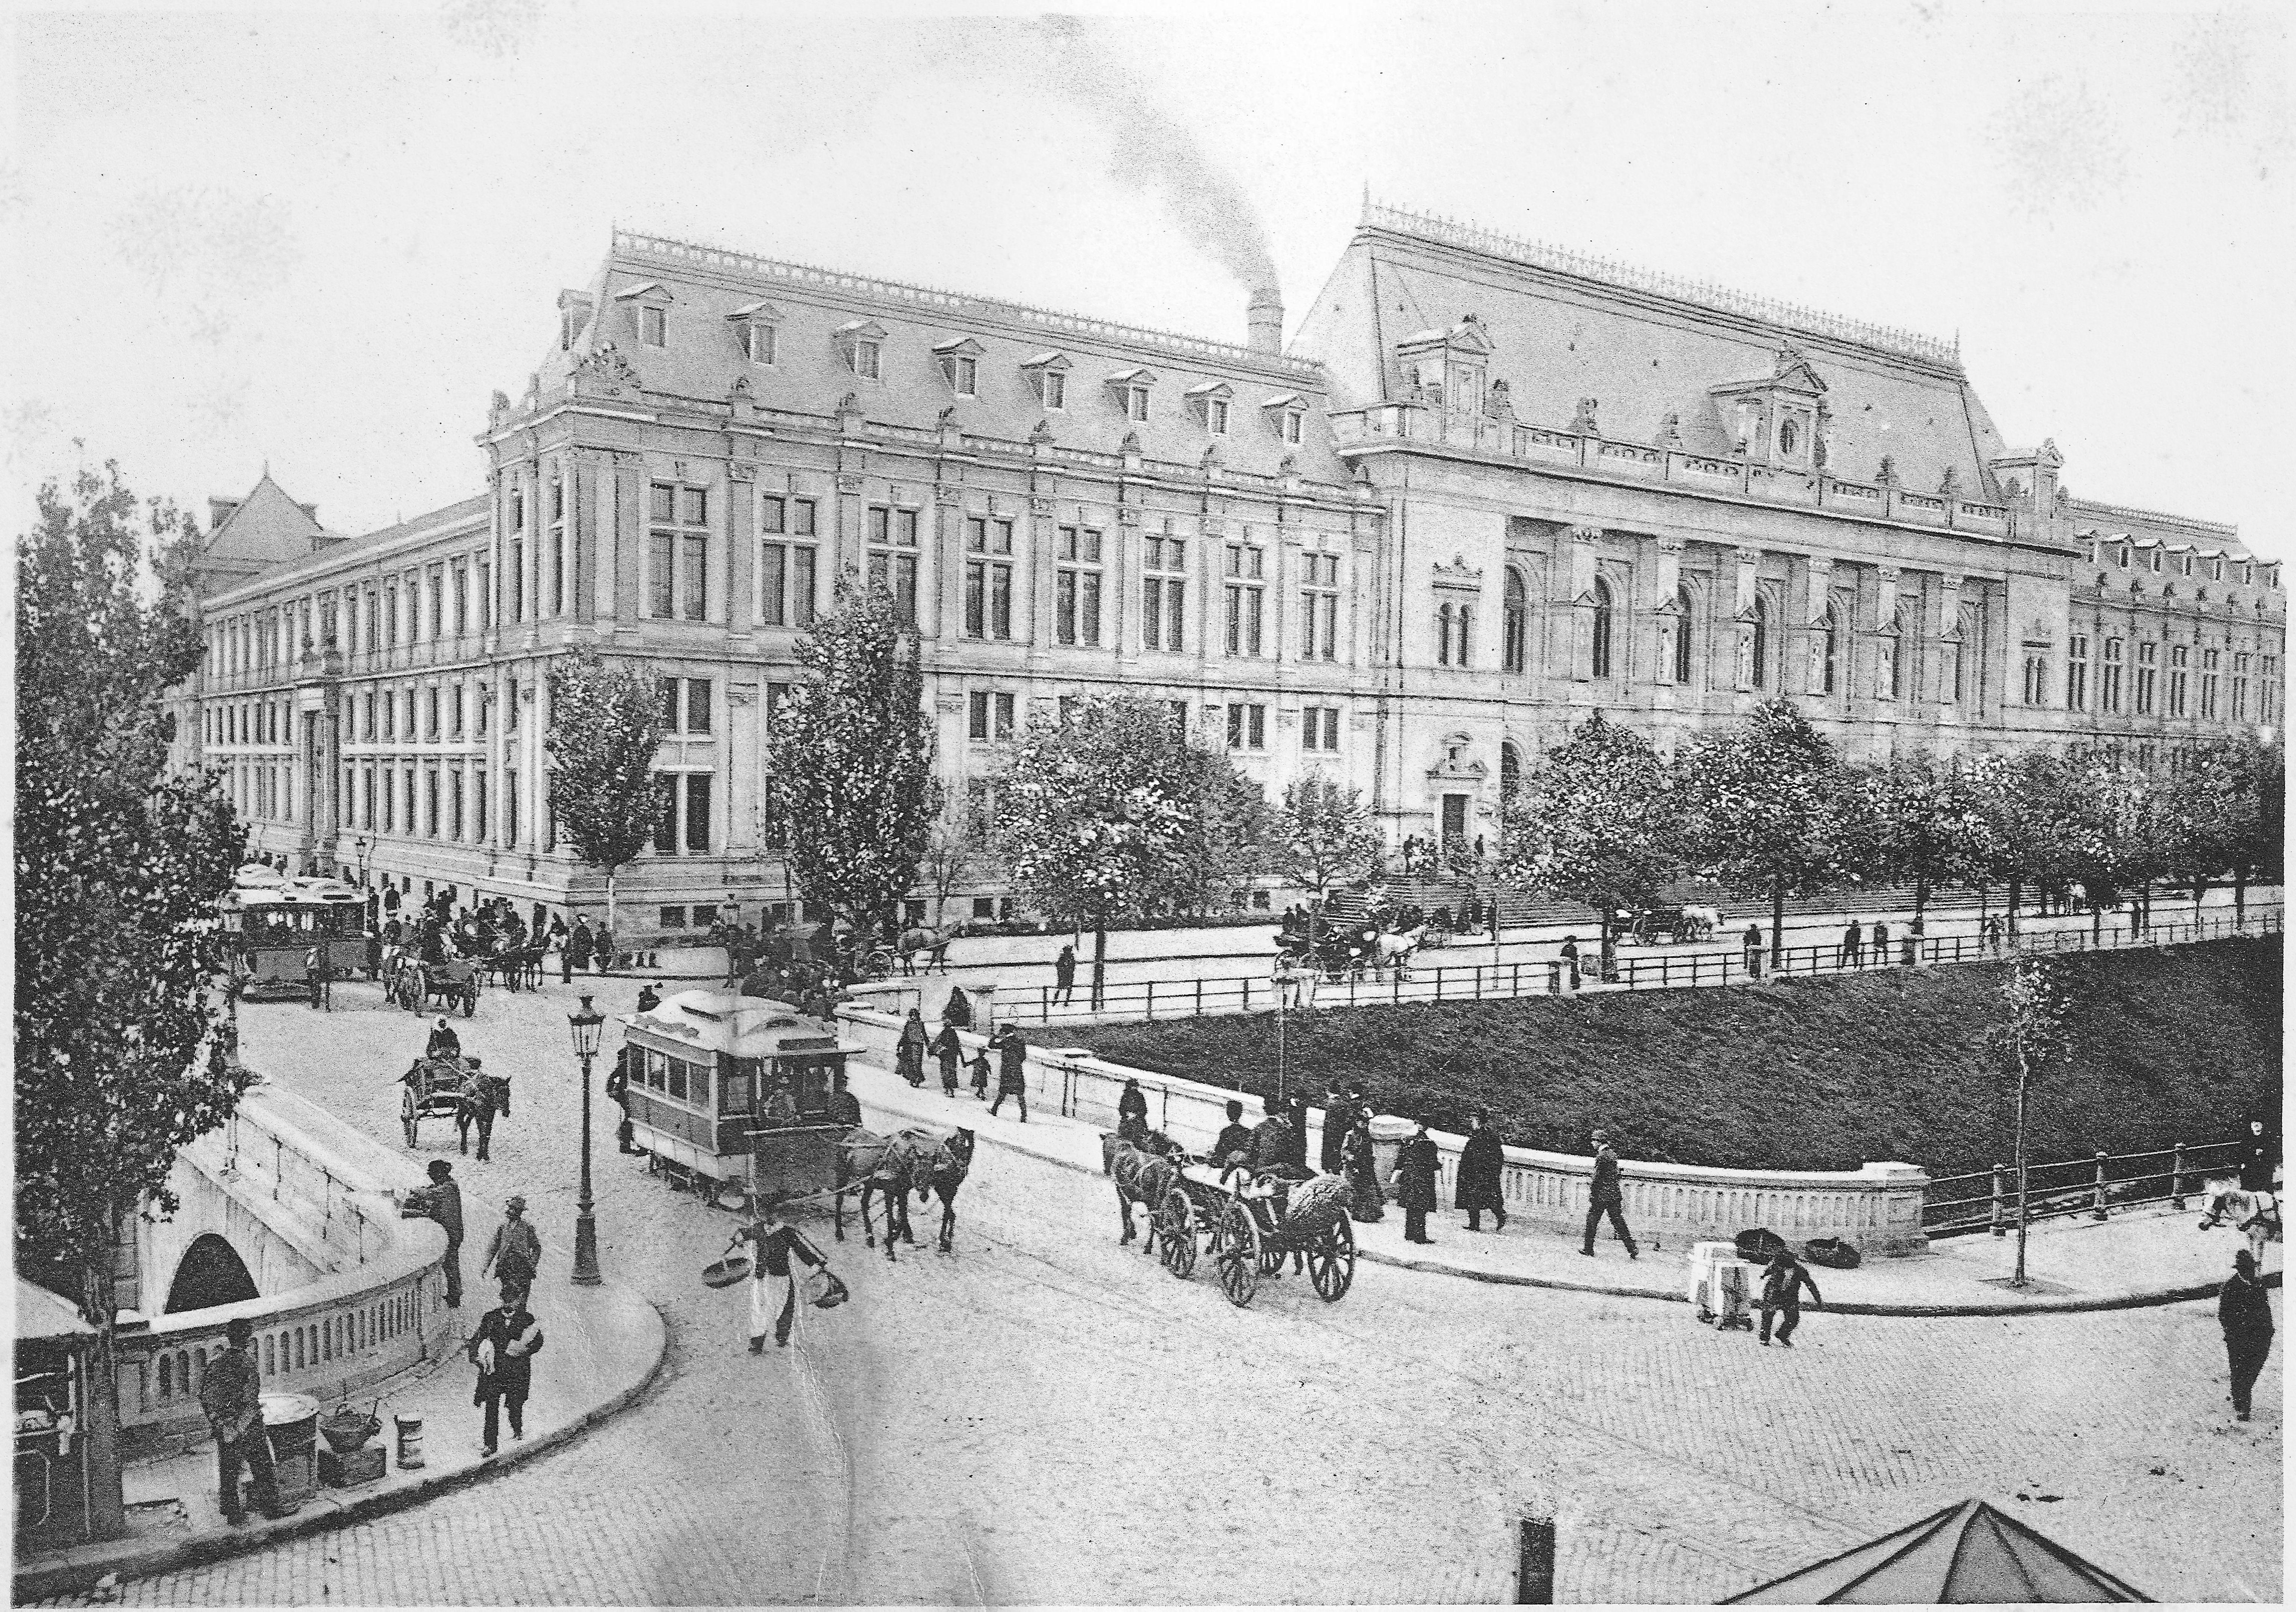 De-a lungul anilor, în București s-au construit numeroase monumente deosebite. Unele dintre ele au supraviețuit trecerii timpului; altele au dispărut - unele dintre ele victime ale cutremurelor sau bombardamentelor care au afectat capitala în secolul XX; altele au ajuns pe lista de demolări a regimului comunist și n-au mai putut fi salvate. Am alcătuit aici o listă scurtă a câtorva dintre monumentele deosebite din capitală: cinci dintre ele sunt încă în picioare și pot fi admirate și astăzi…